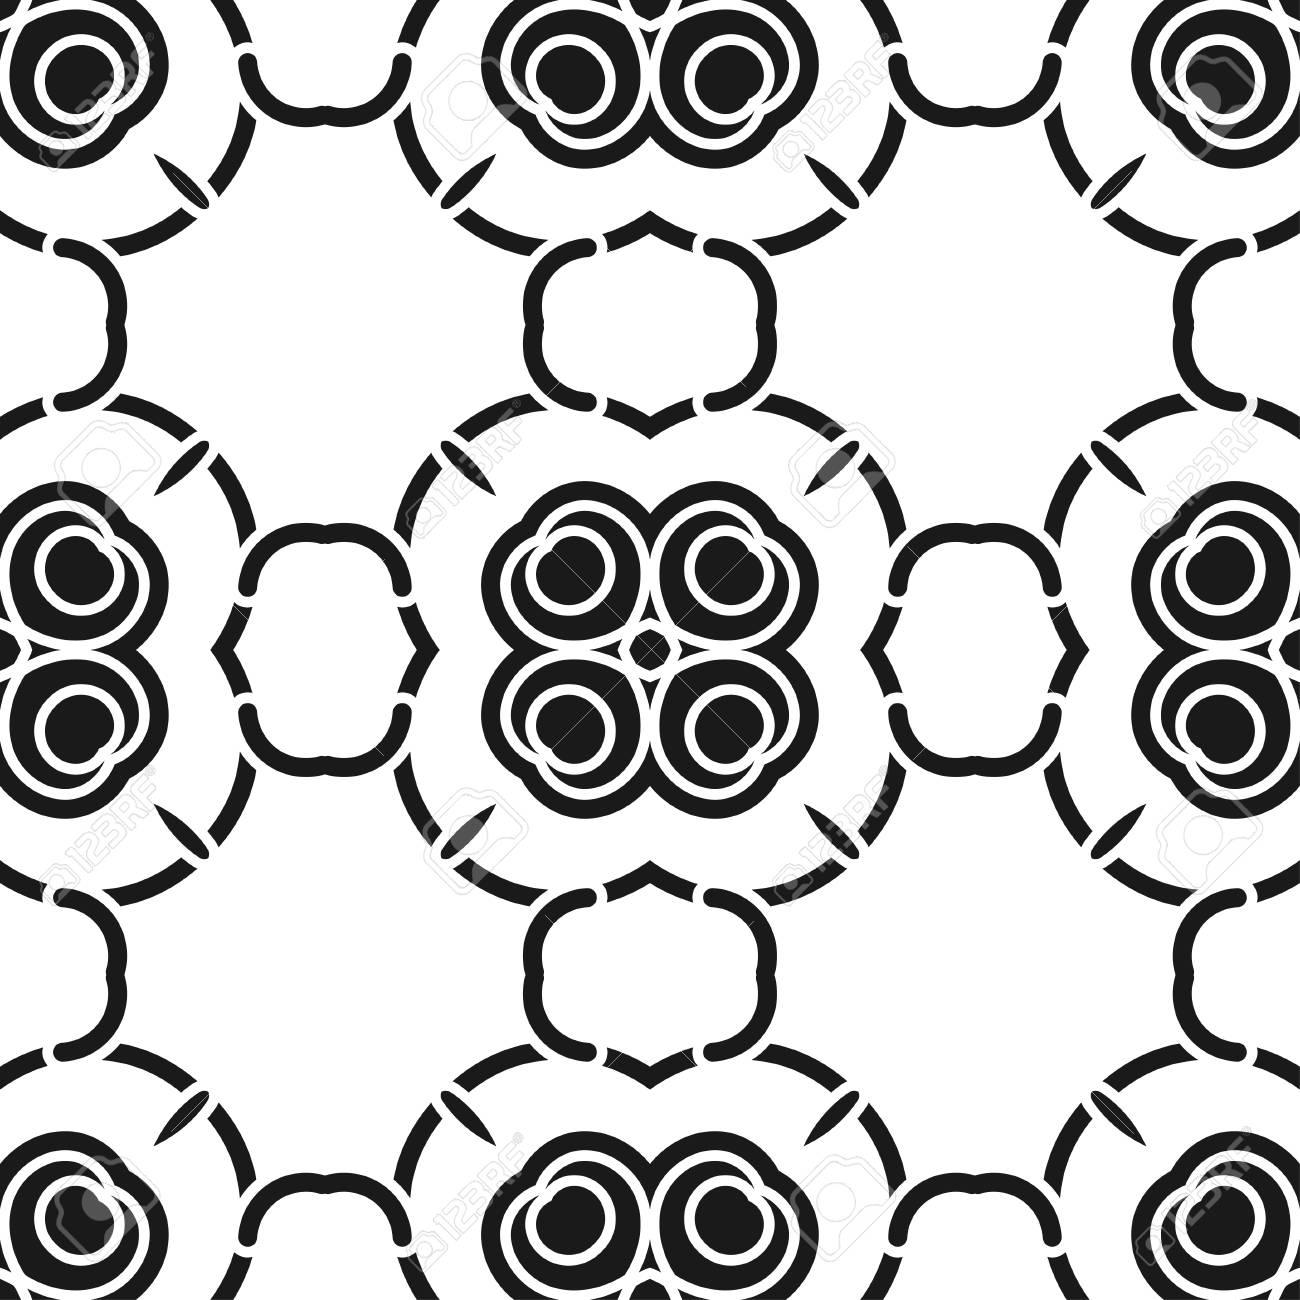 Wunderbar Standard Bild   Zusammenfassung Nahtlose Schwarz Weiß Farbe Muster Für  Tapeten Und Hintergründe. Vektor Vorlage Kann Für Design Von Tapeten,  Stoff, ...